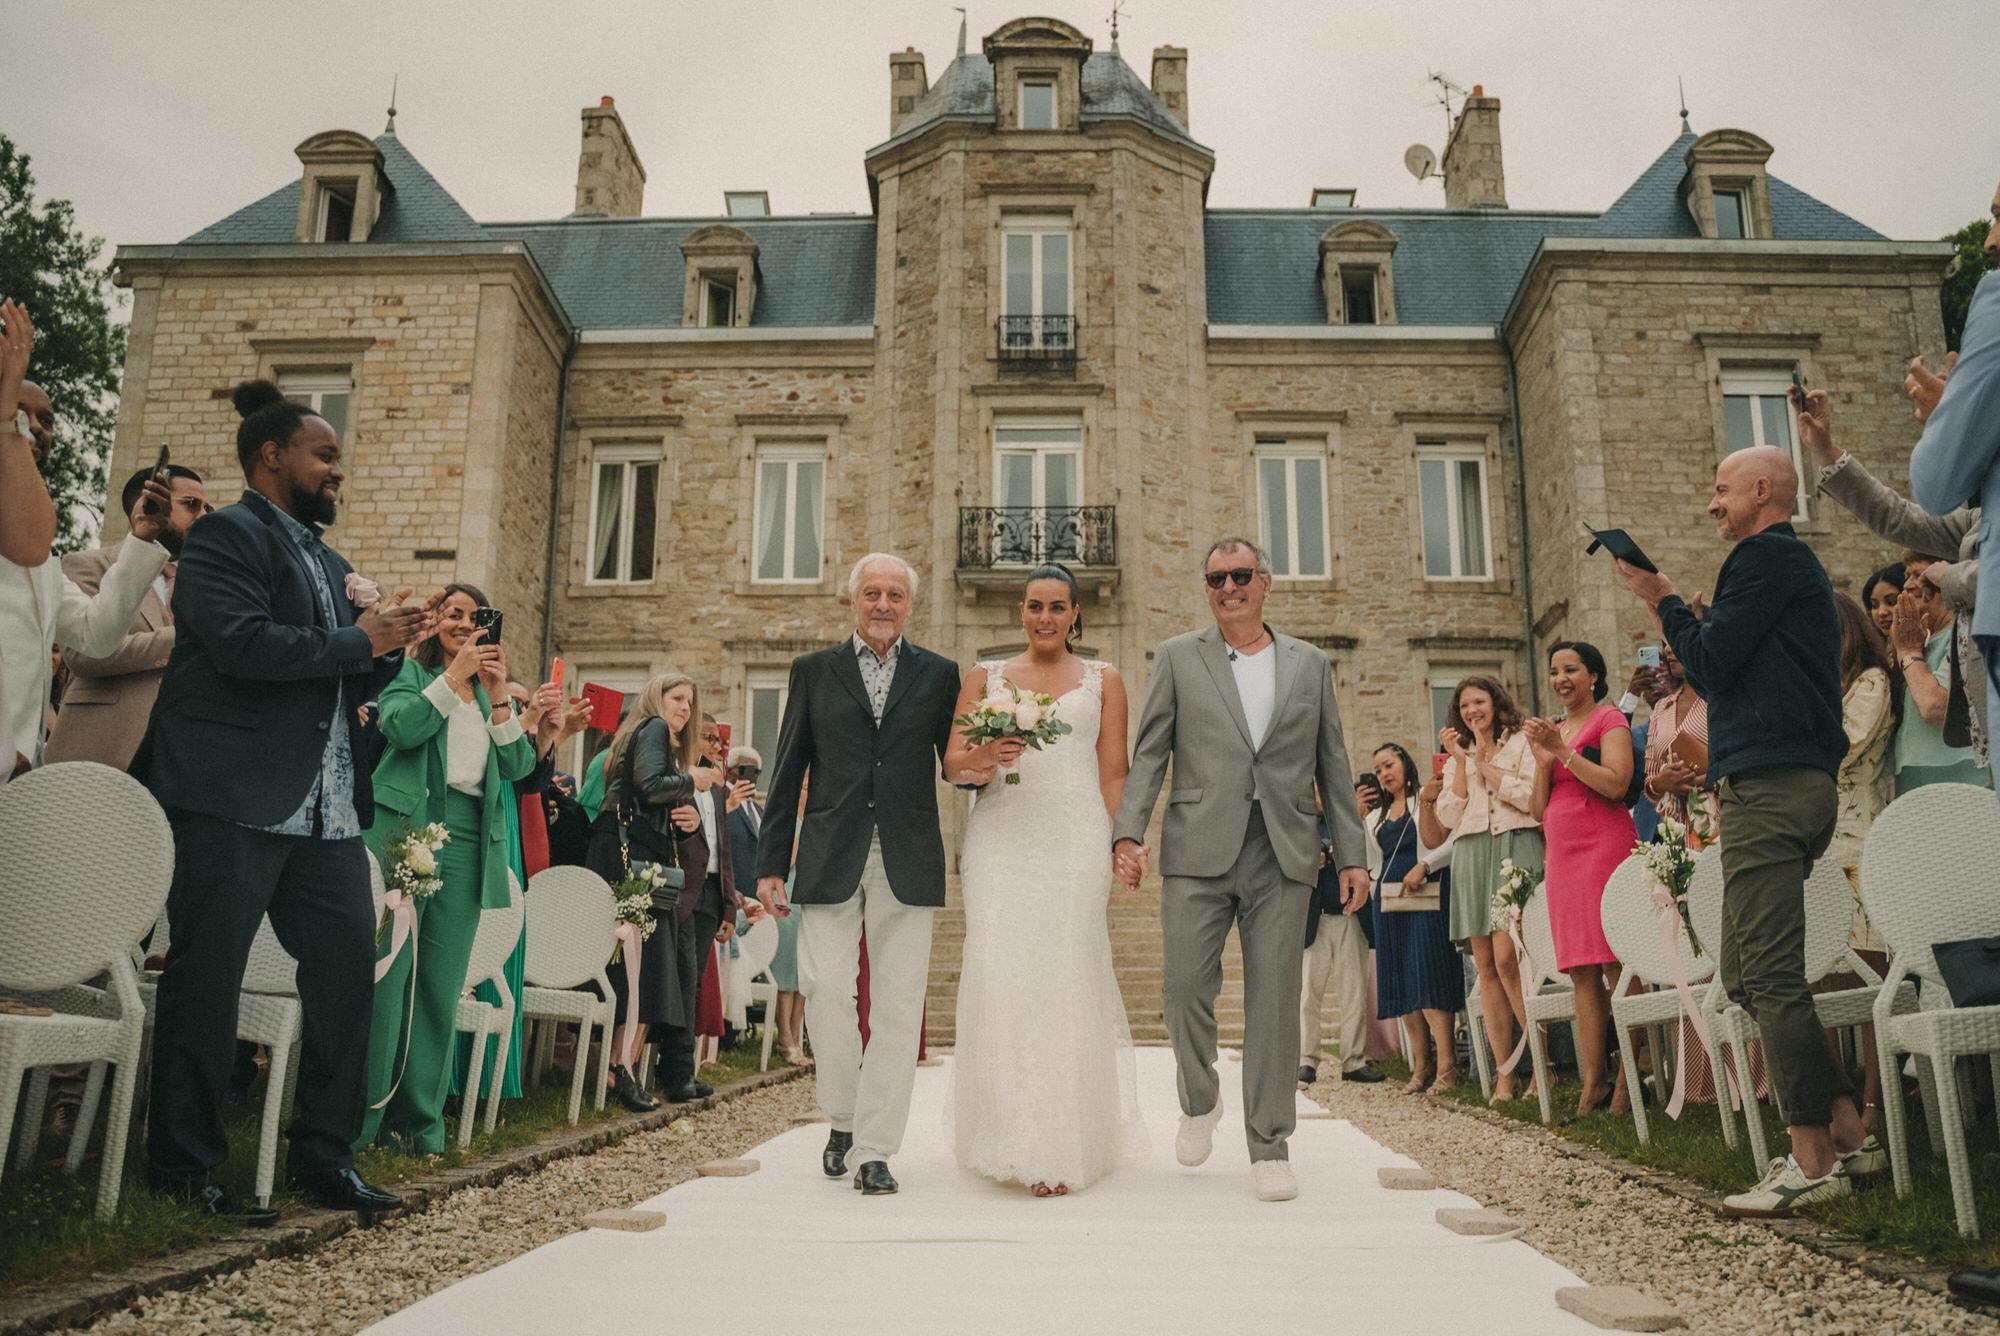 Photo De Mariage Au Manoir De Kerhuel A Plouneour Lanvern De Perle Danilson Par Antoine Borzeix 293, Photographe & Videaste à Brest / Finistère